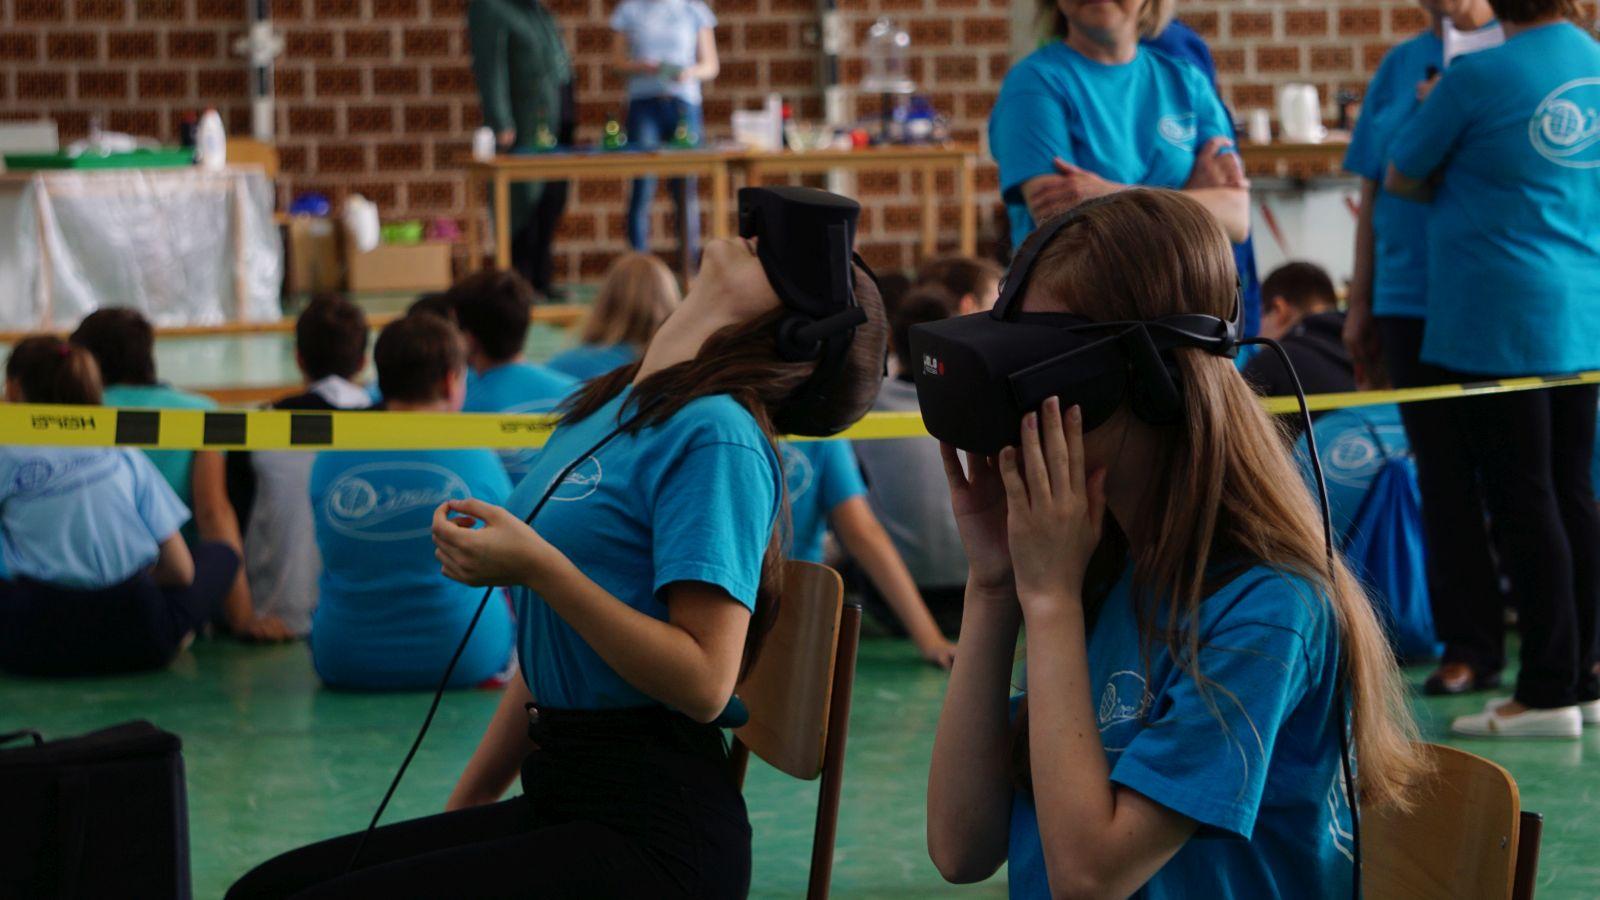 Holofedélzet - Iskolai VR kitelepülés